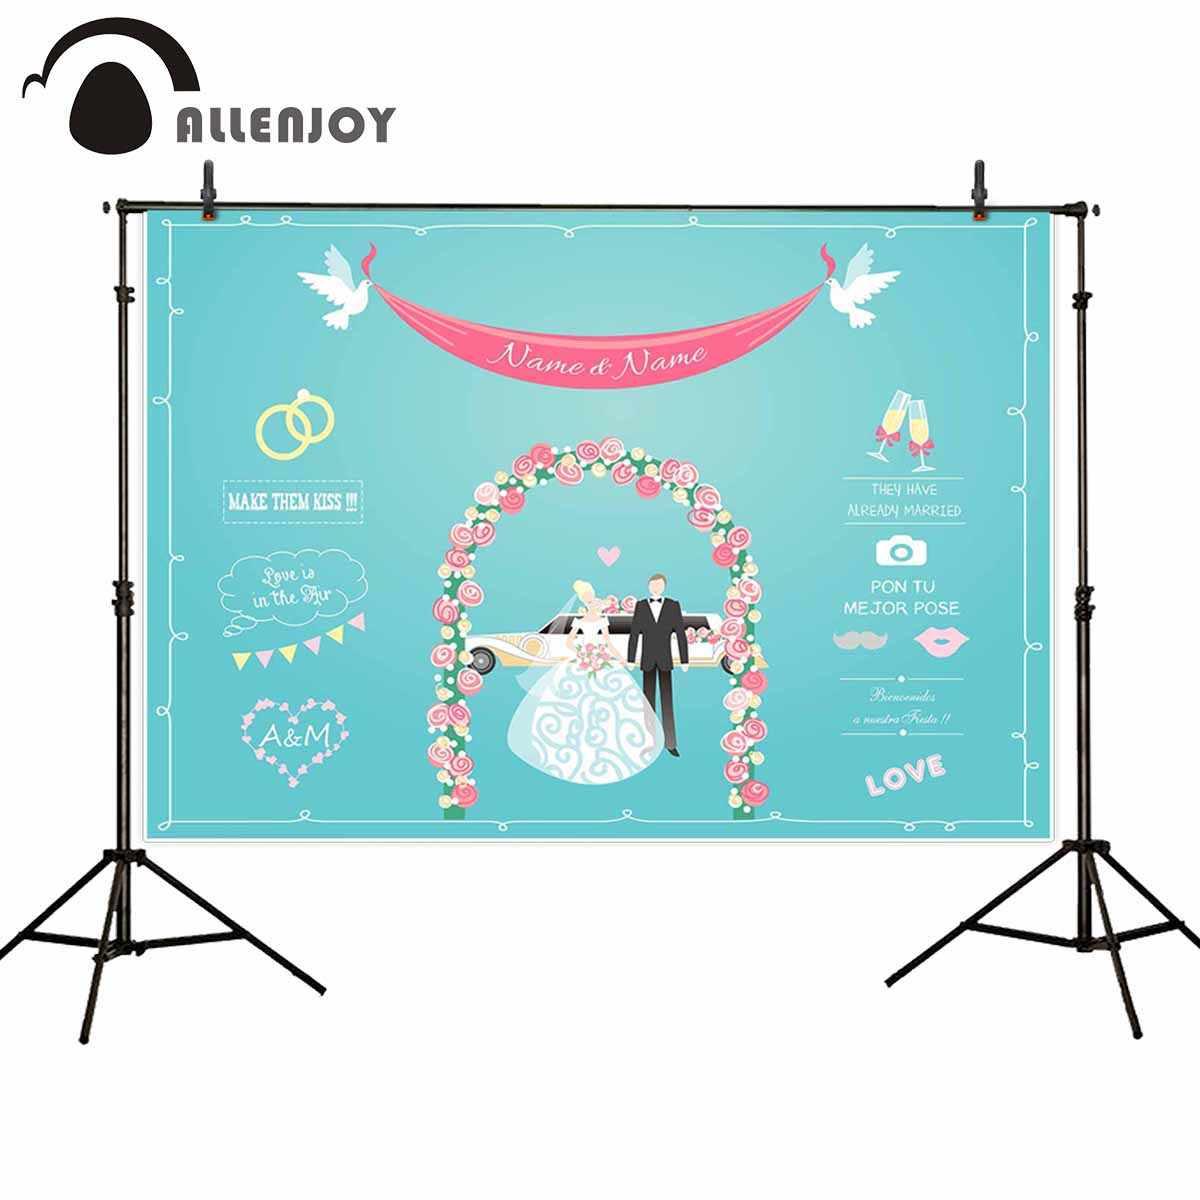 Allenjoy фоны для фотосъемки студия мира doves свадебное кольцо цветы дверь Жених Невеста фон с автомобилем индивидуальный для фотосессии